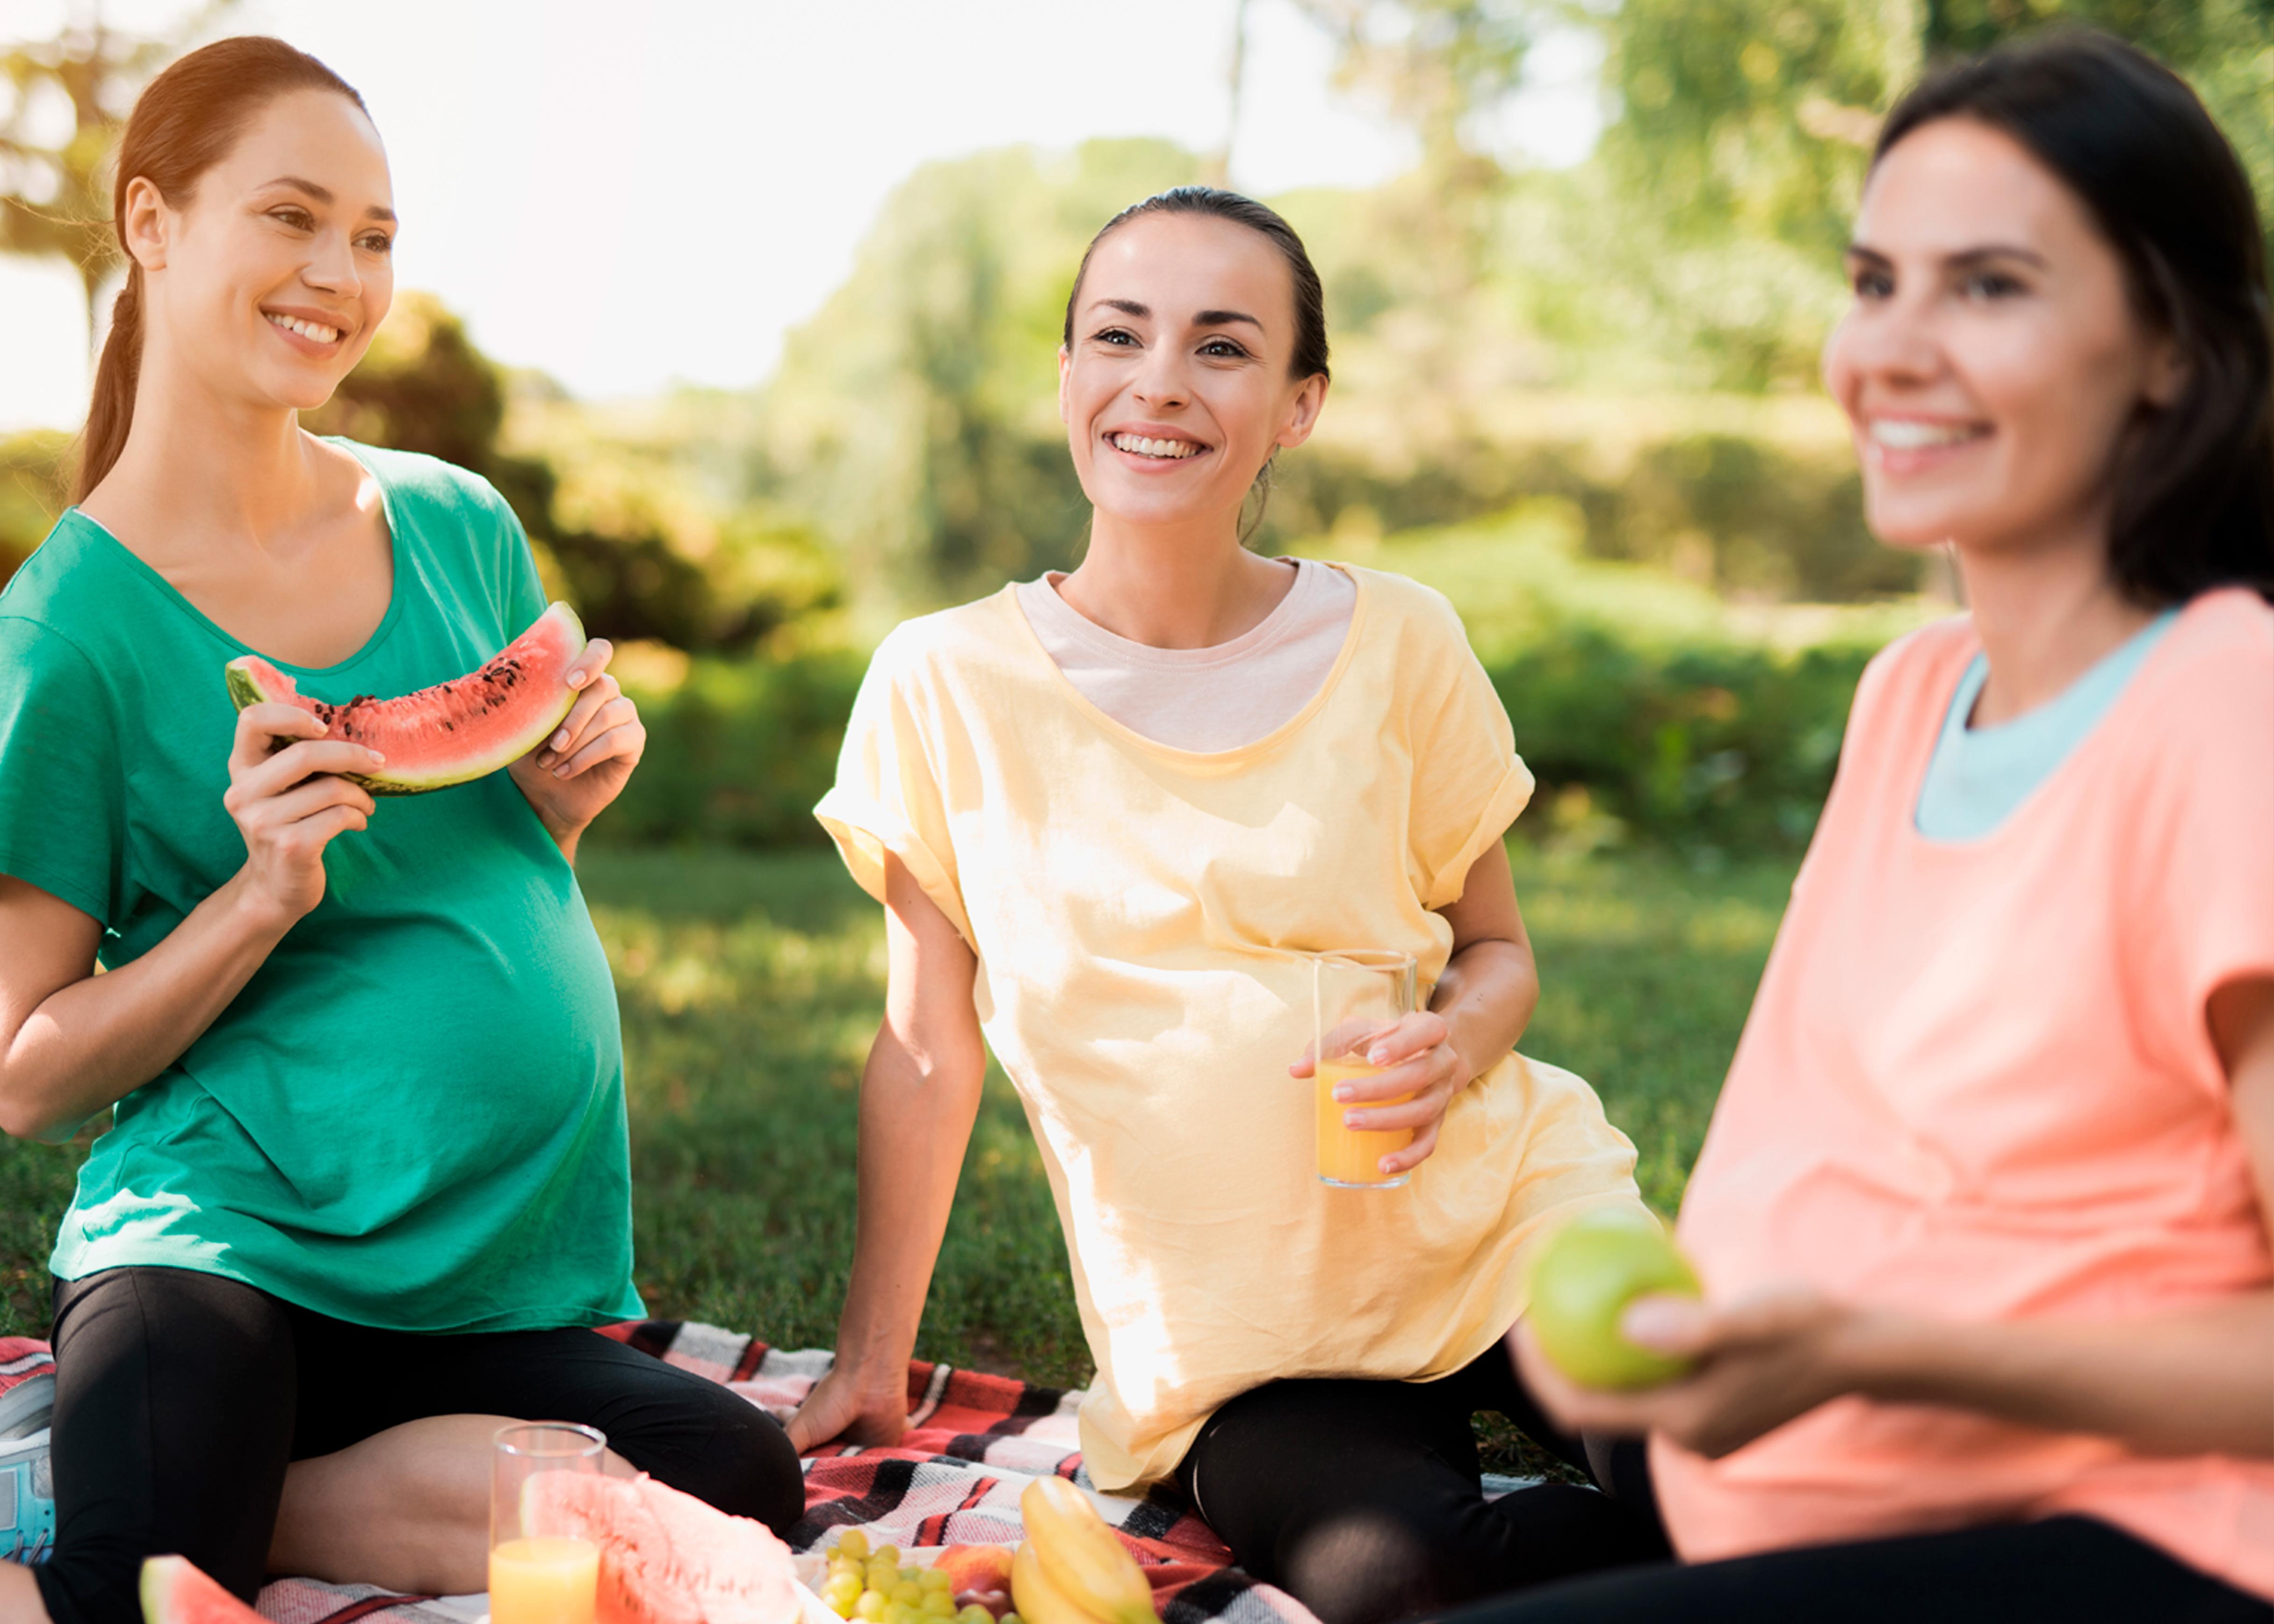 Terapias alternativas para mejorar la fertilidad